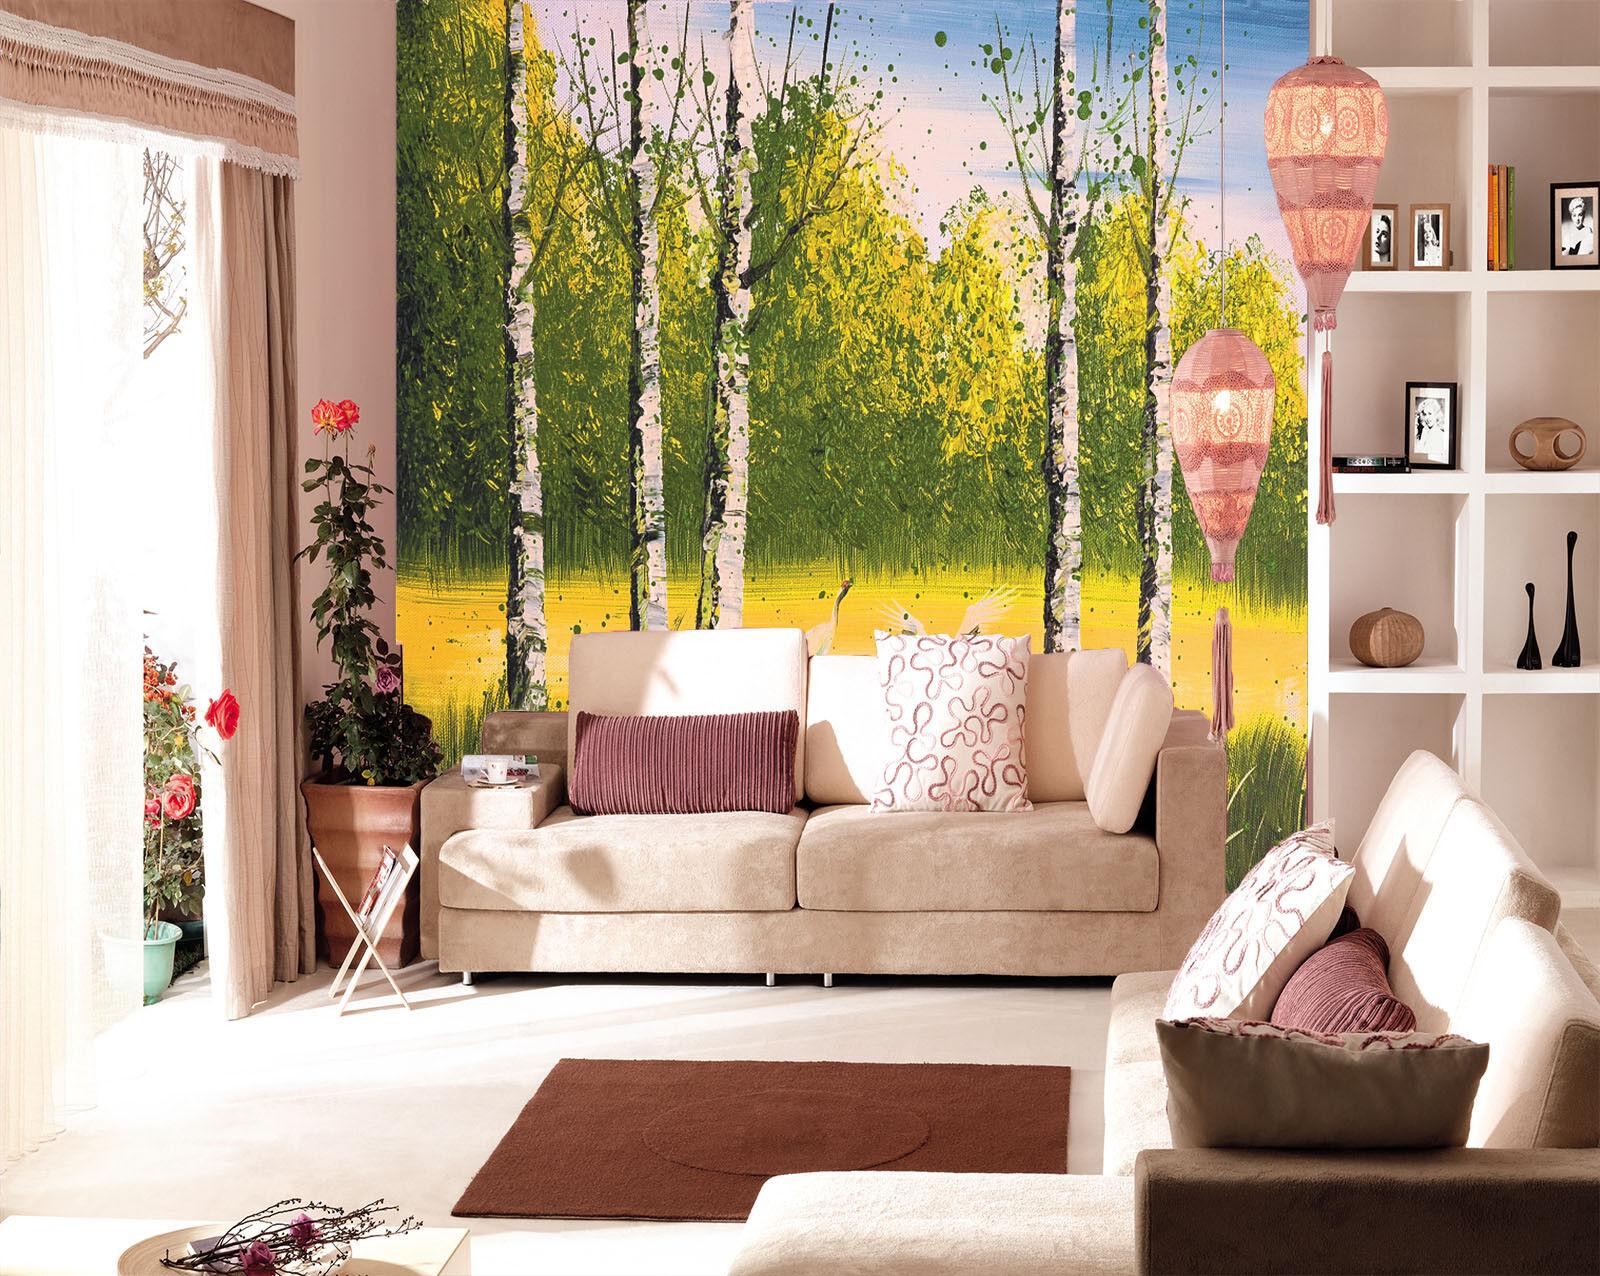 3D Weiß Kran Wald 853 Tapete Wandgemälde Tapete Tapeten Bild Familie DE Summer  | Hervorragende Eigenschaften  | Neuheit Spielzeug  | Zahlreiche In Vielfalt